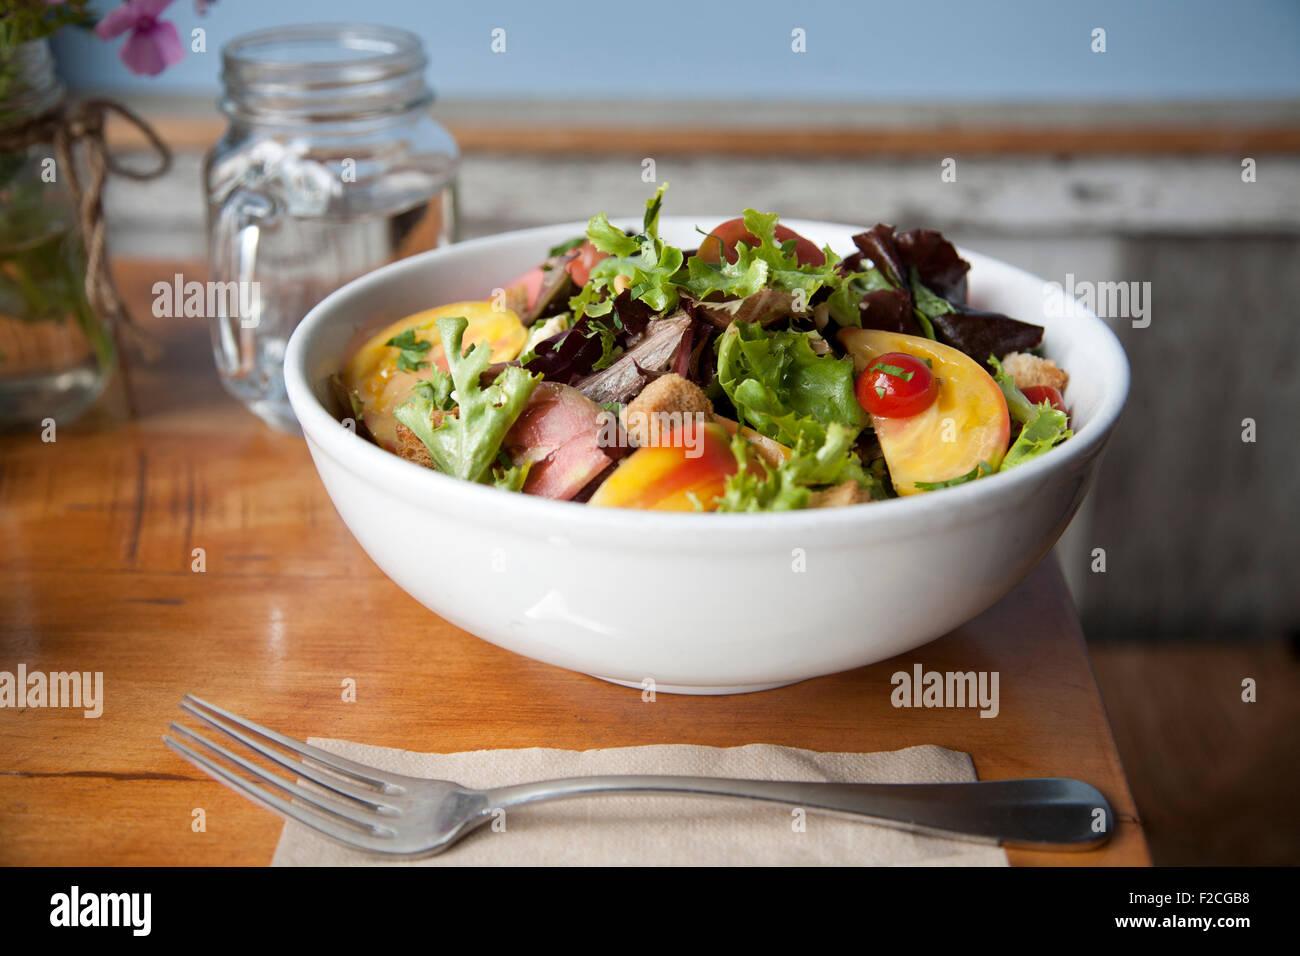 Vue latérale du bol à salade en blanc avec une fourchette, serviette, Photo Stock